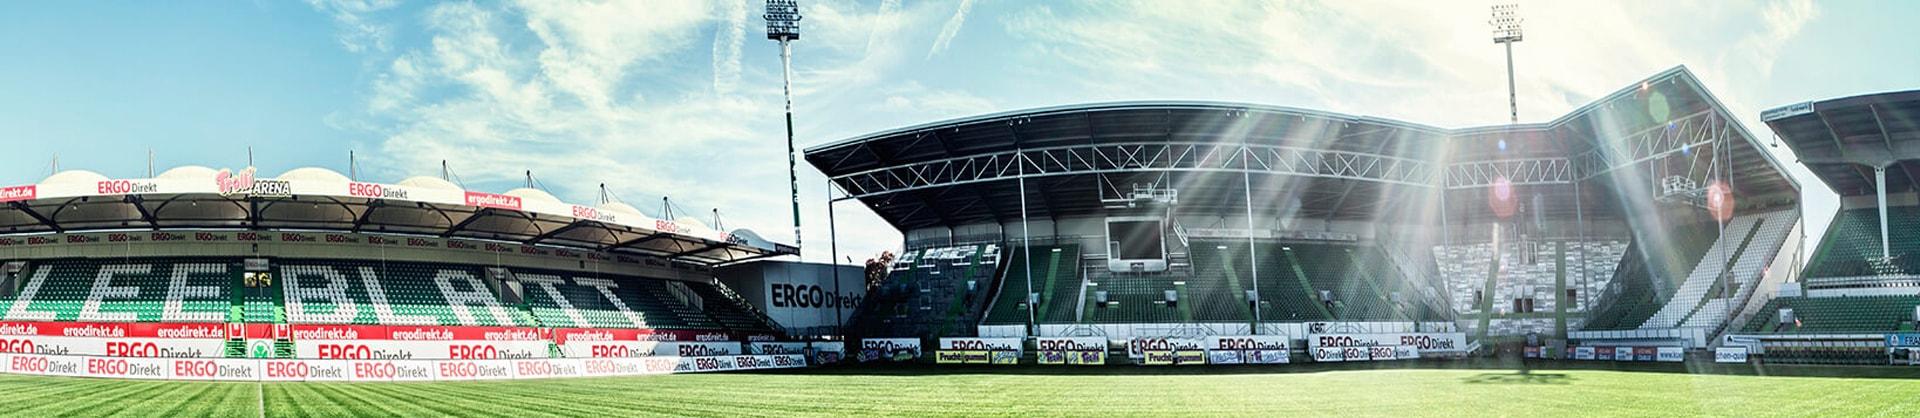 Große Pyro-Show zu 110 Jahren Sportpark Ronhof